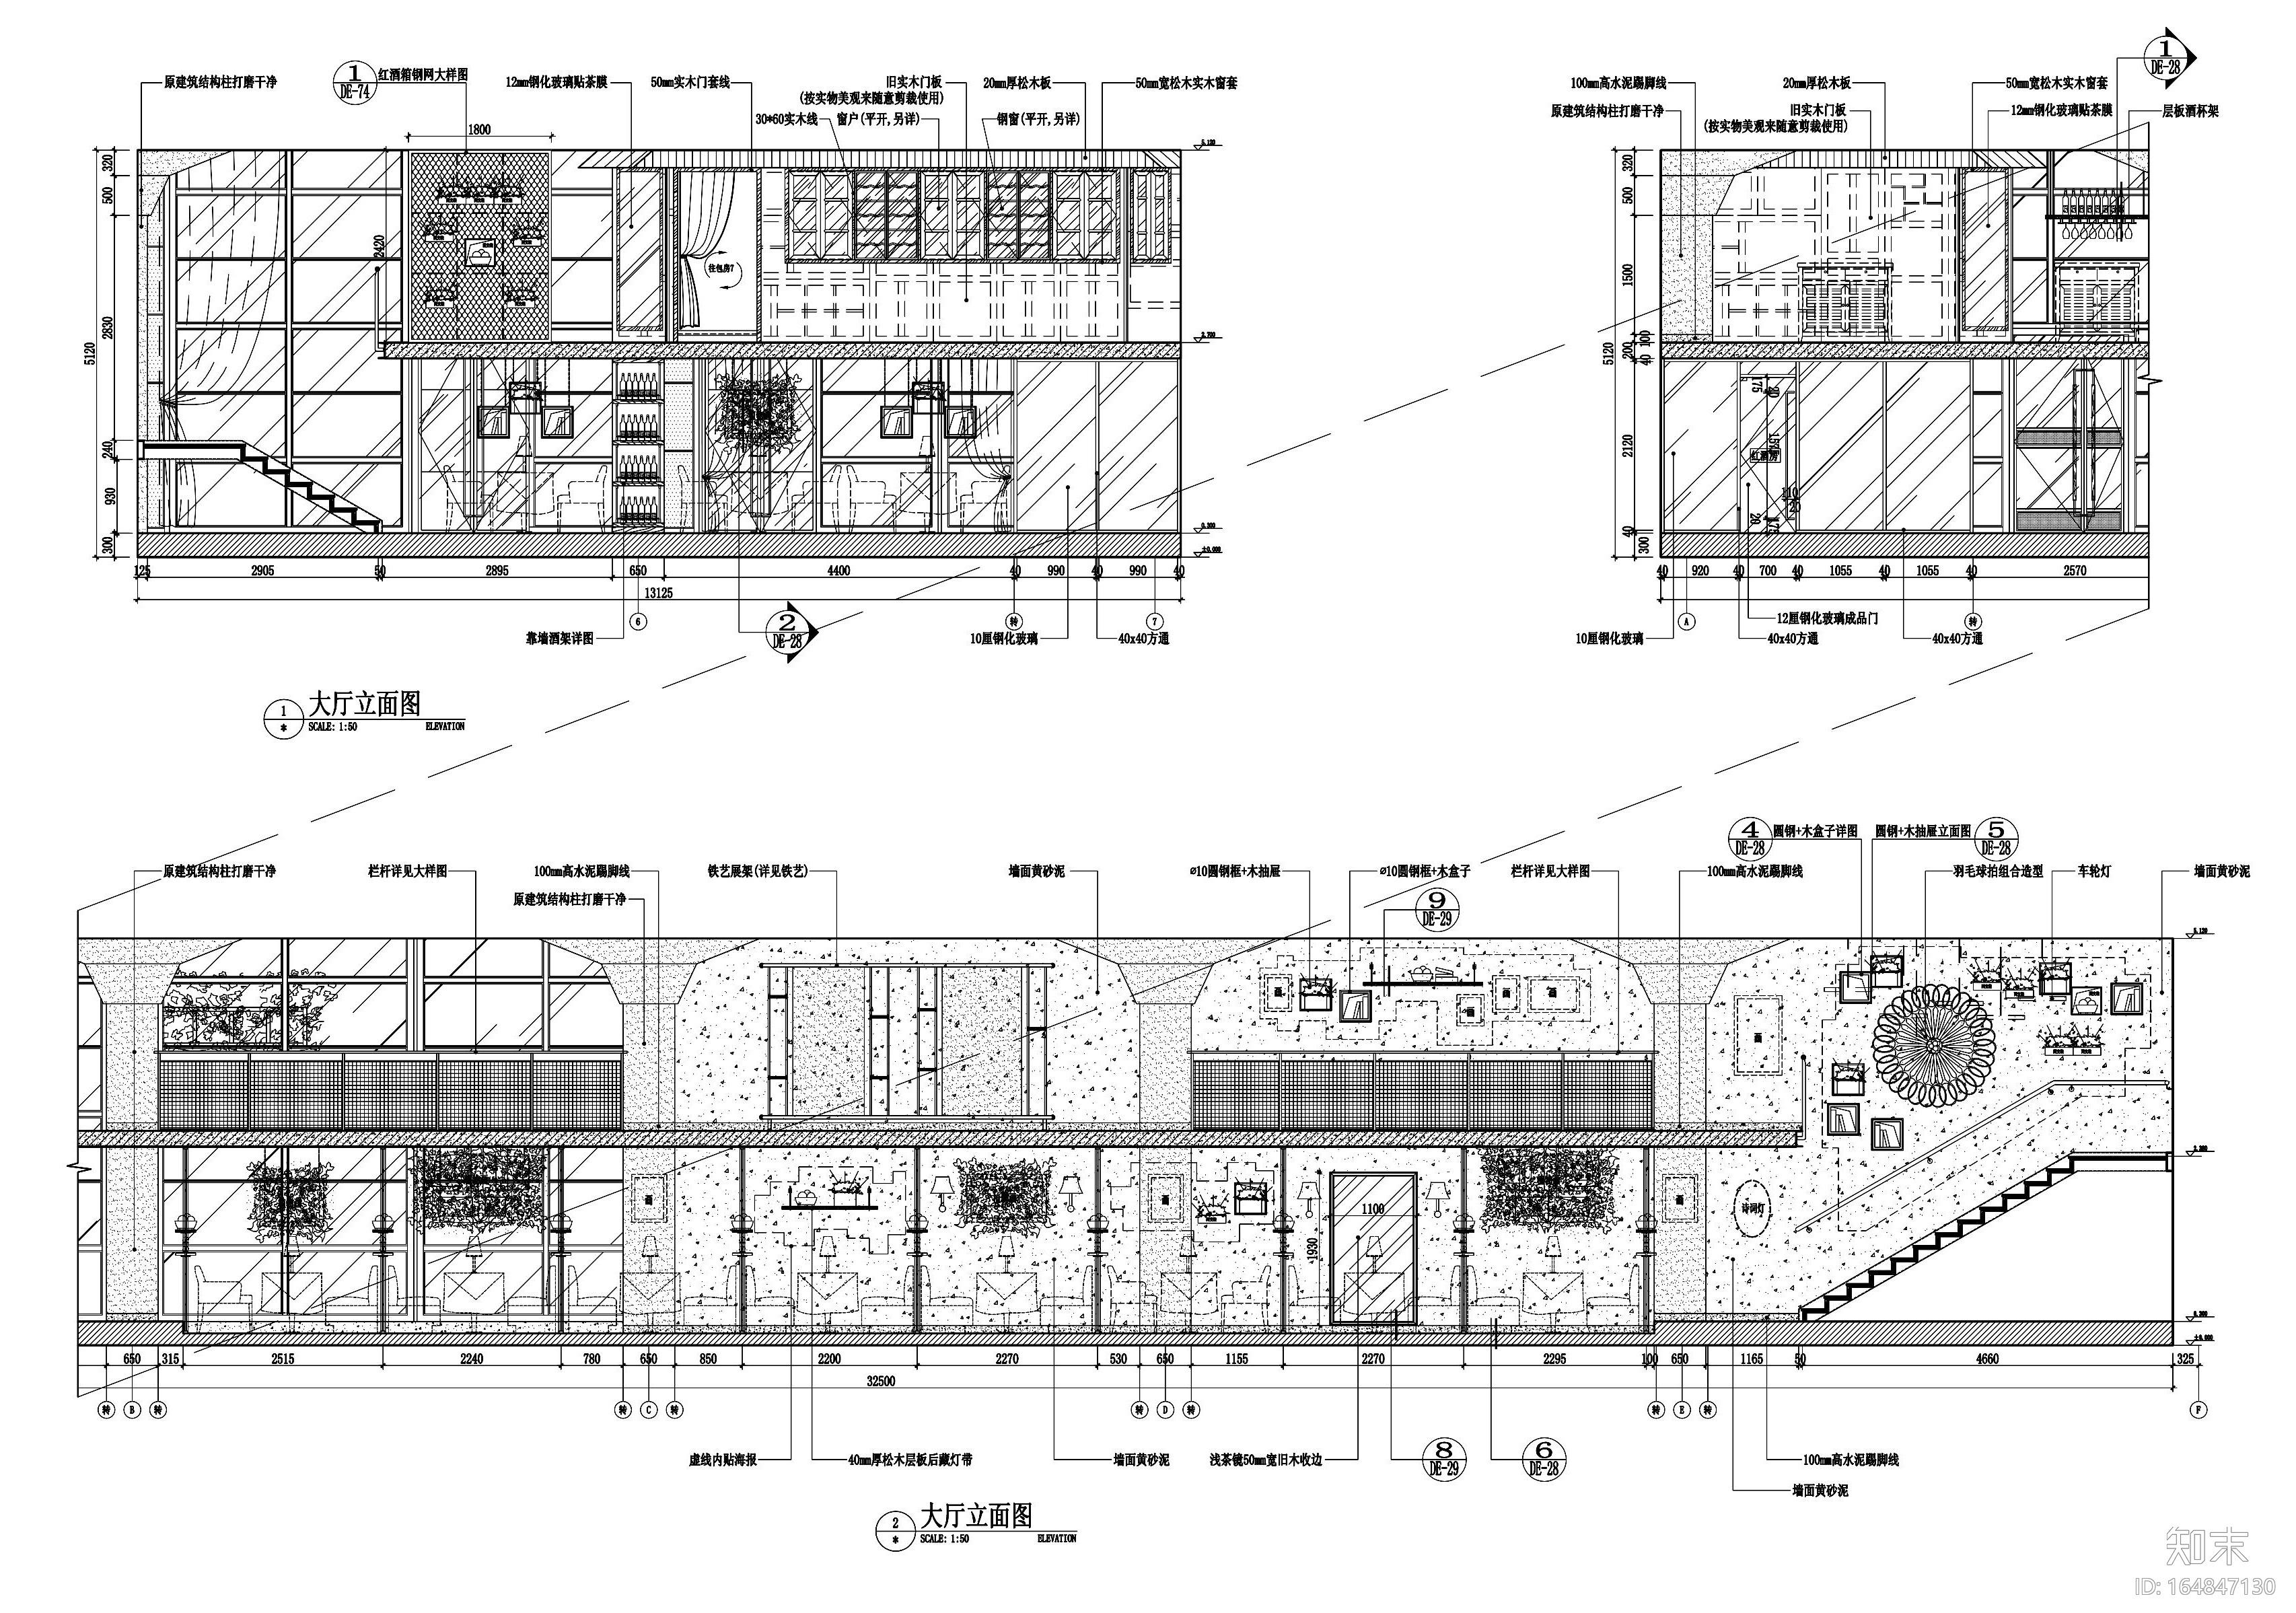 [浙江]温州胡桃里音乐餐厅室内装饰施工图施工图下载【ID:164847130】